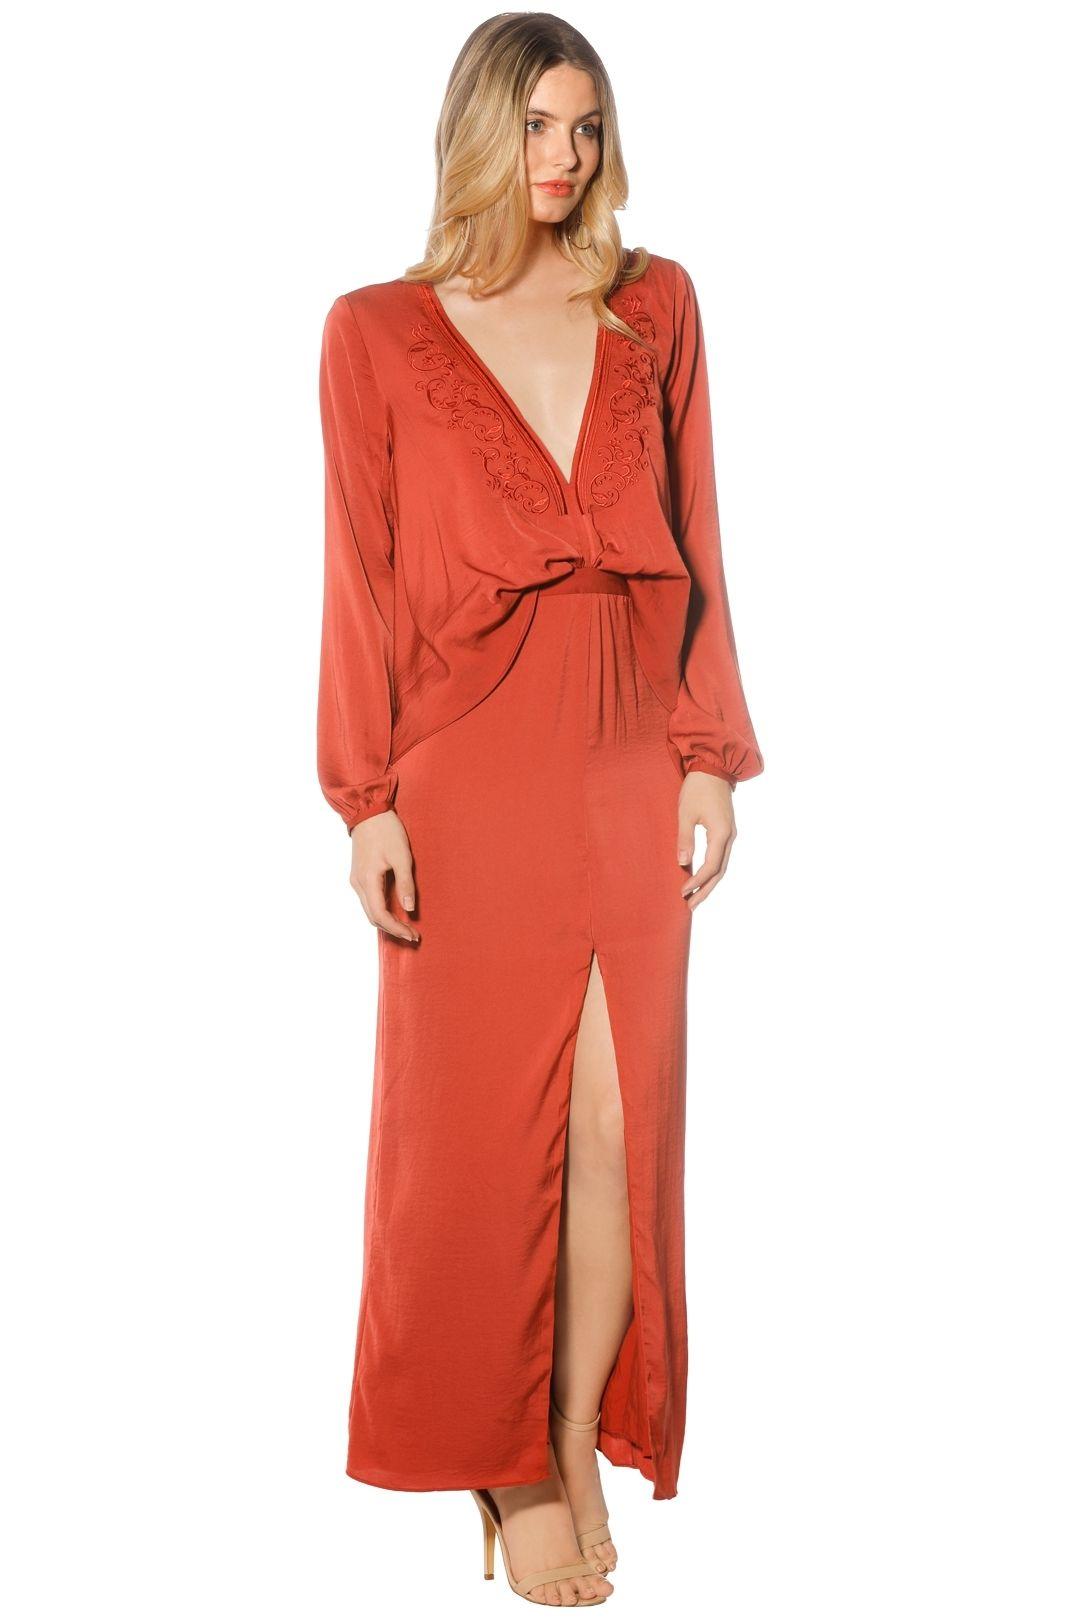 The Jetset Diaries - Siren LS Midi Dress - Saffron - Side